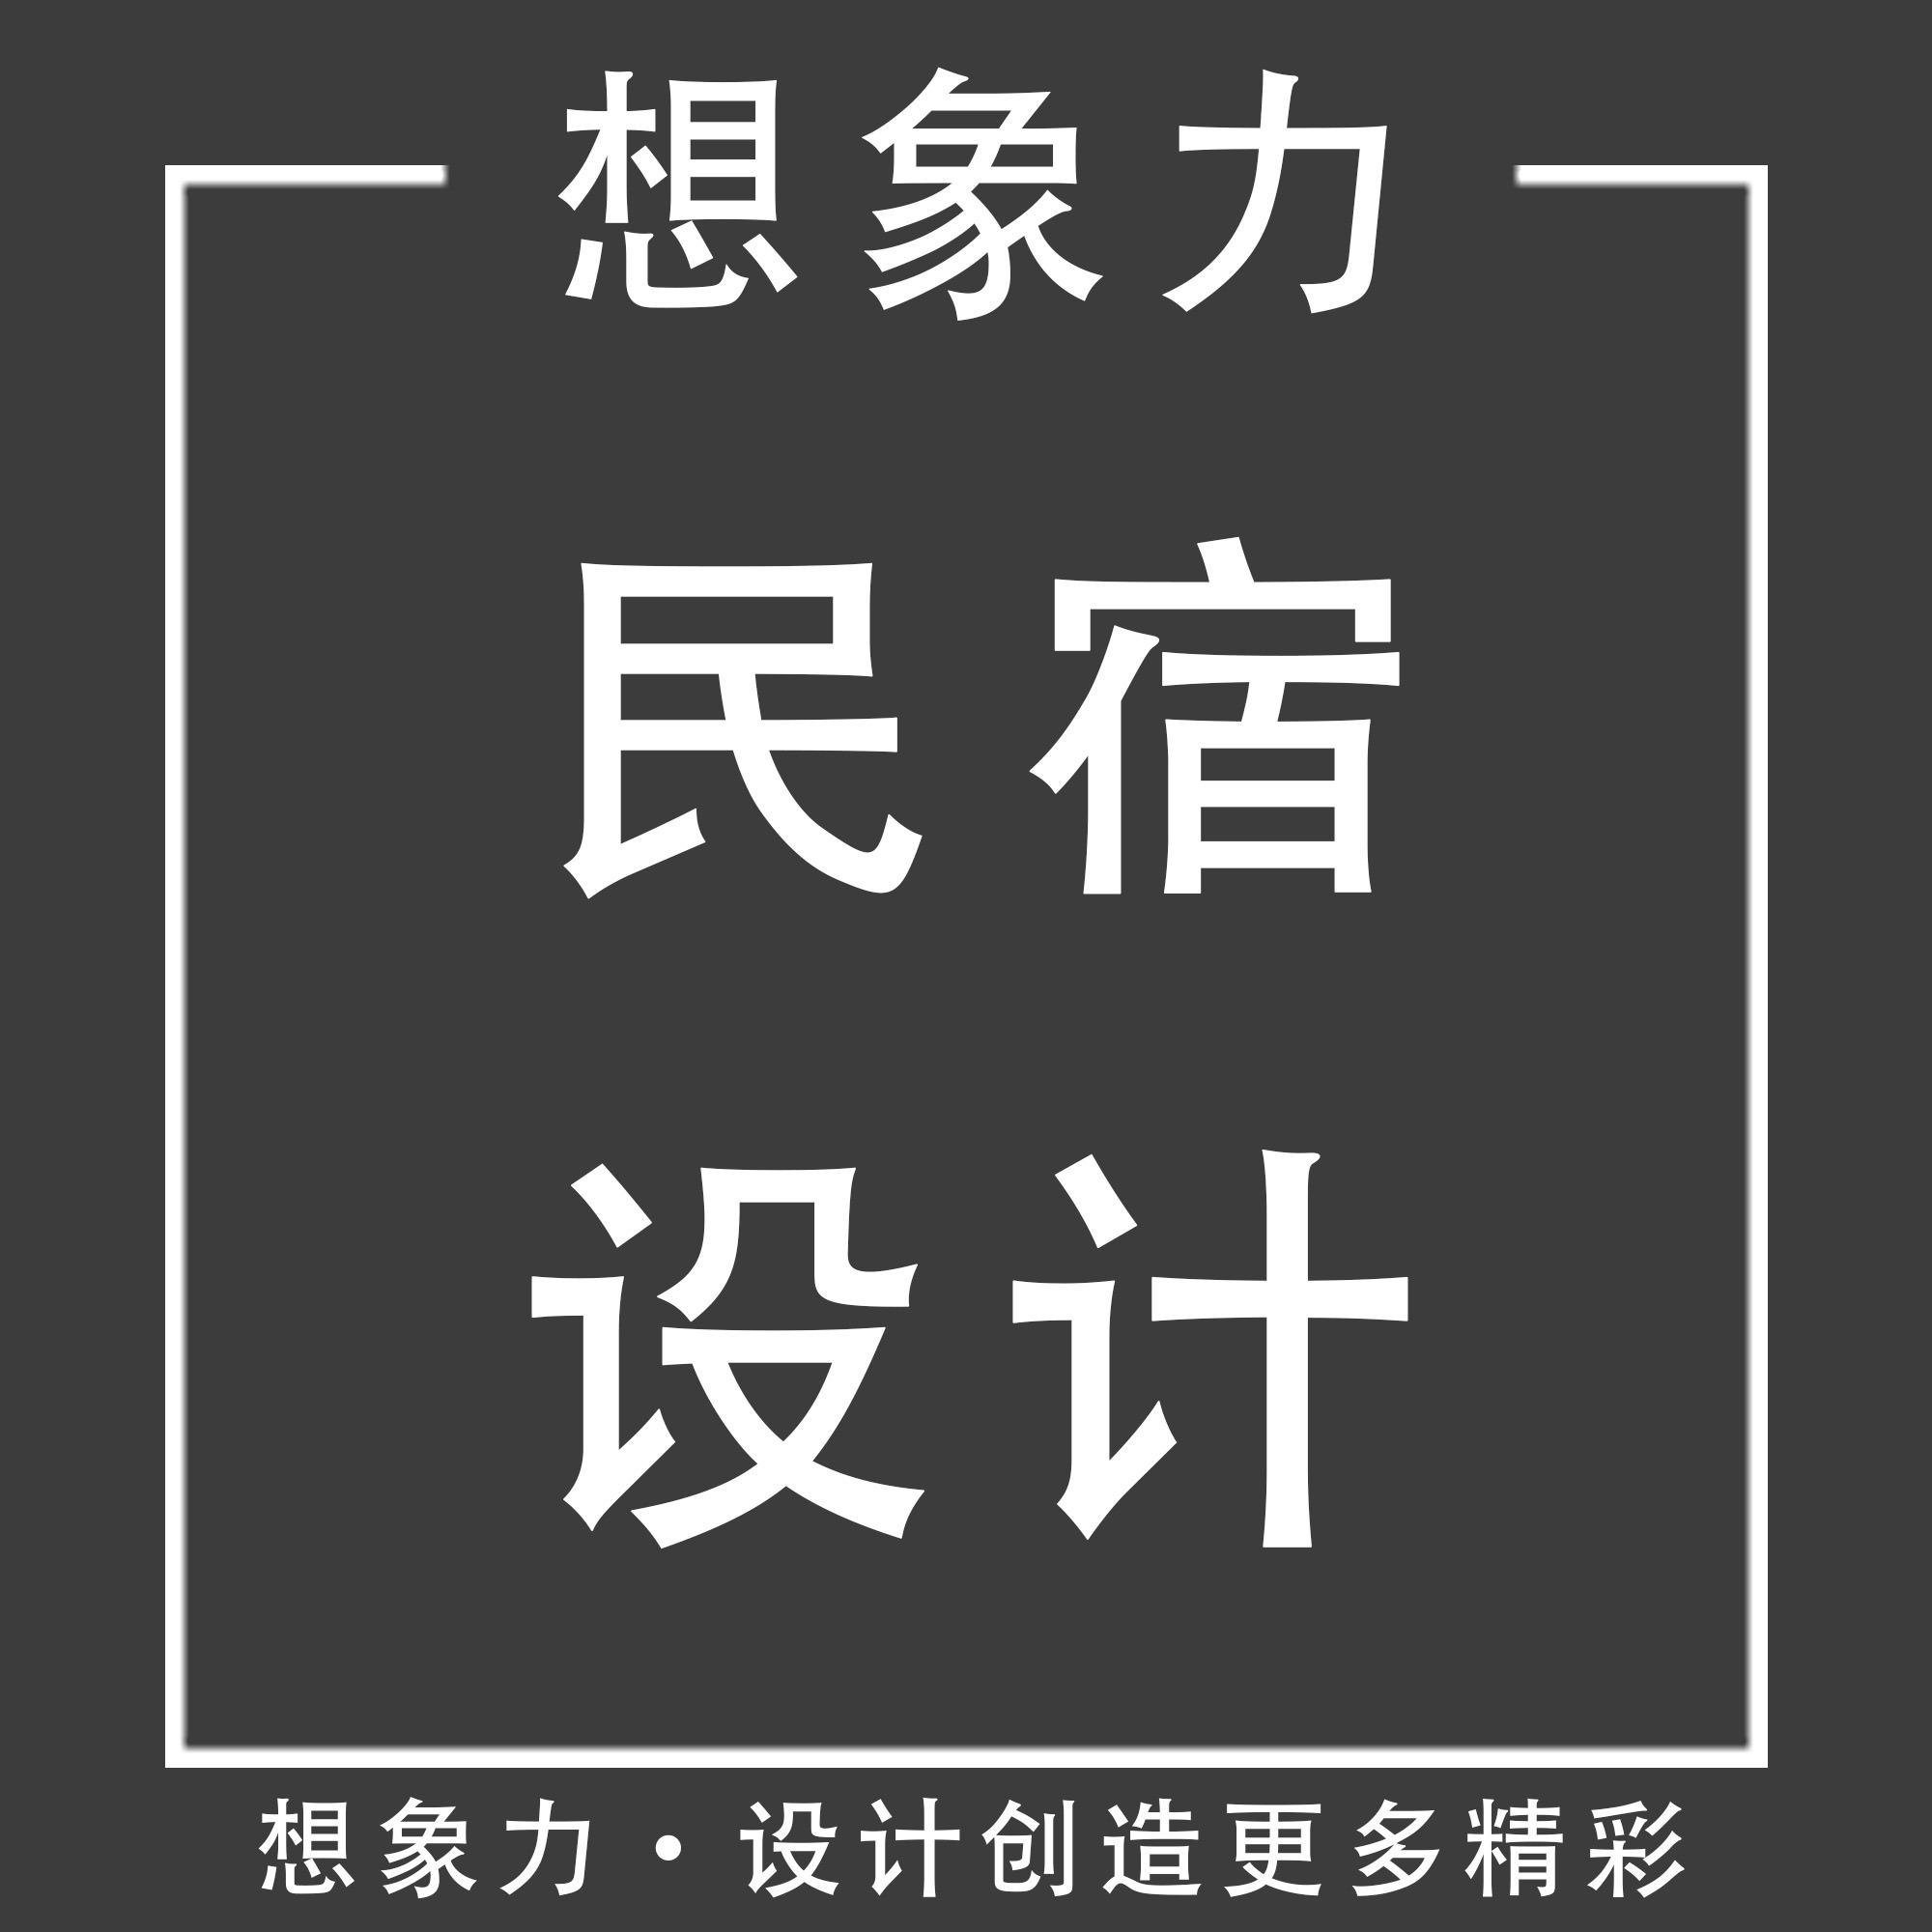 民宿空间设计/公装服务设计/全案设计/效果图/施工图